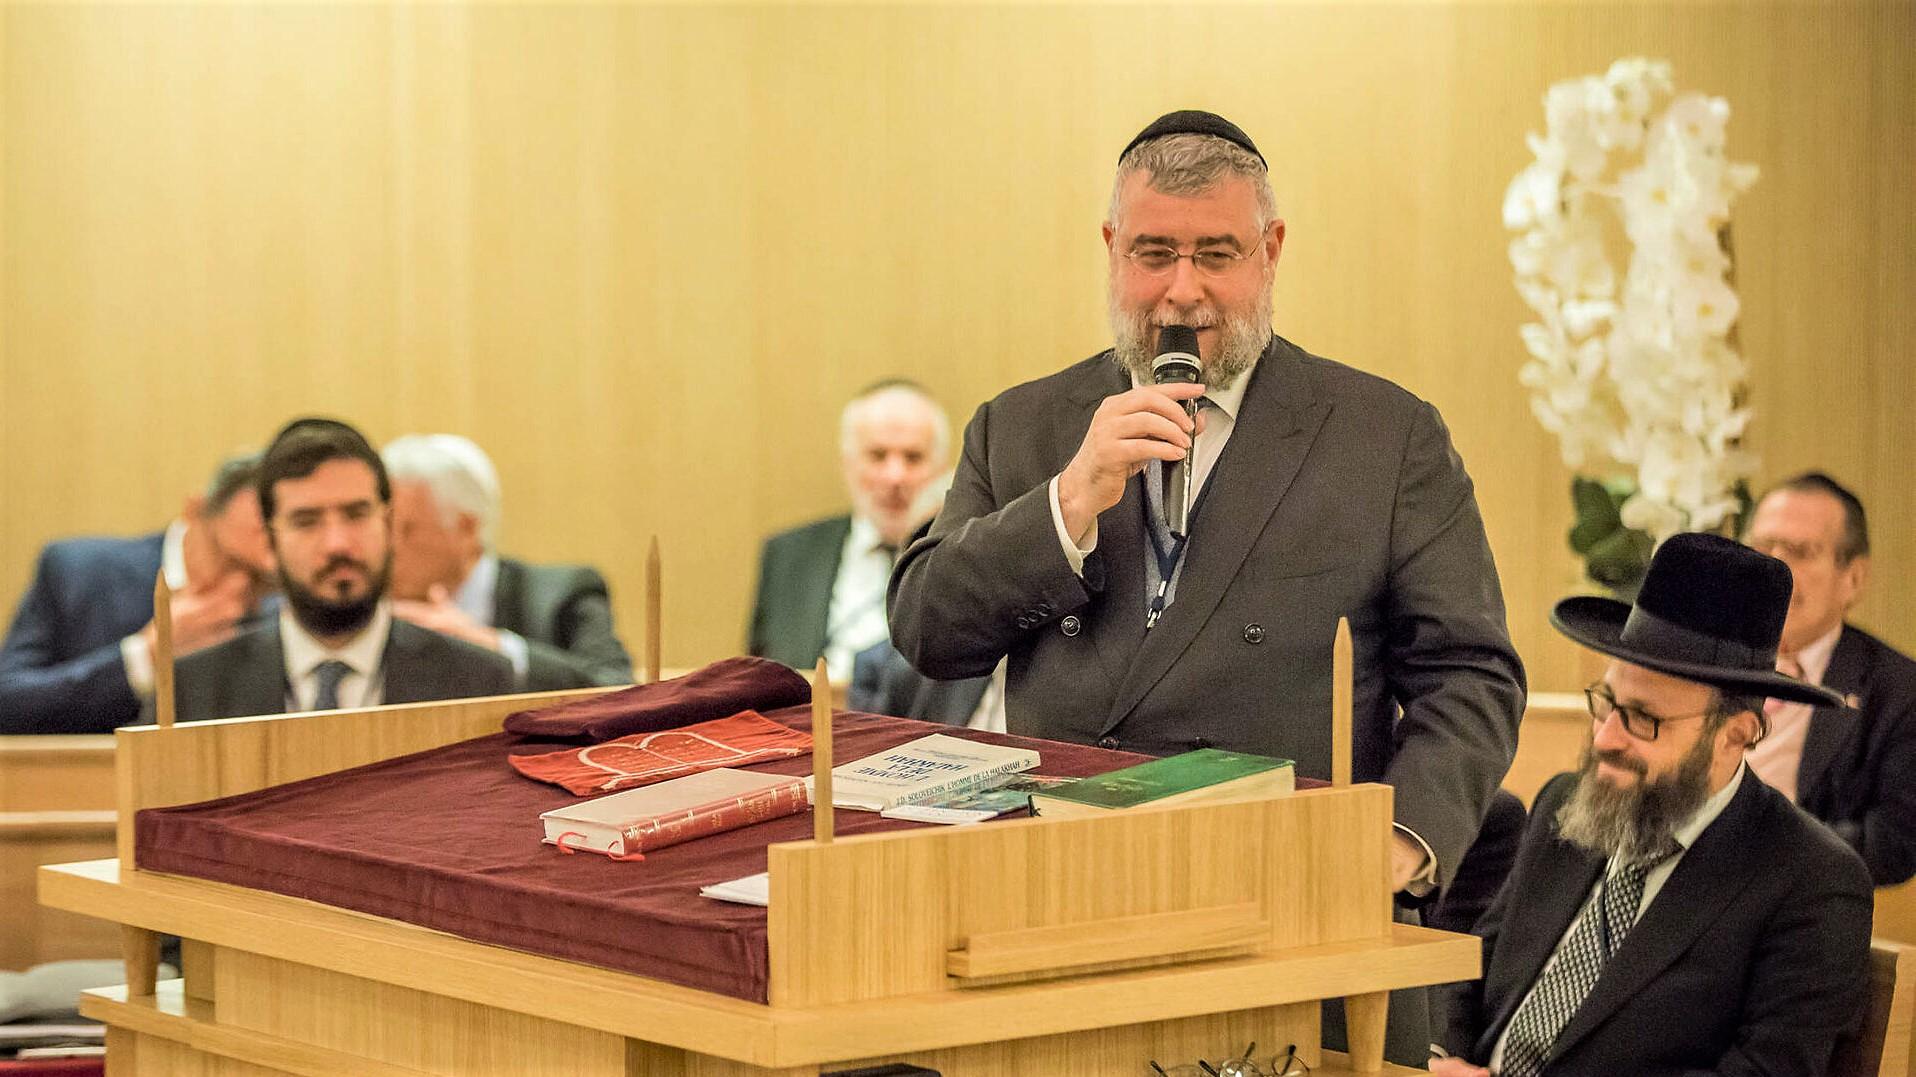 """La politique """"courageuse"""" du Souverain saluée par la Conférence des rabbins européens"""